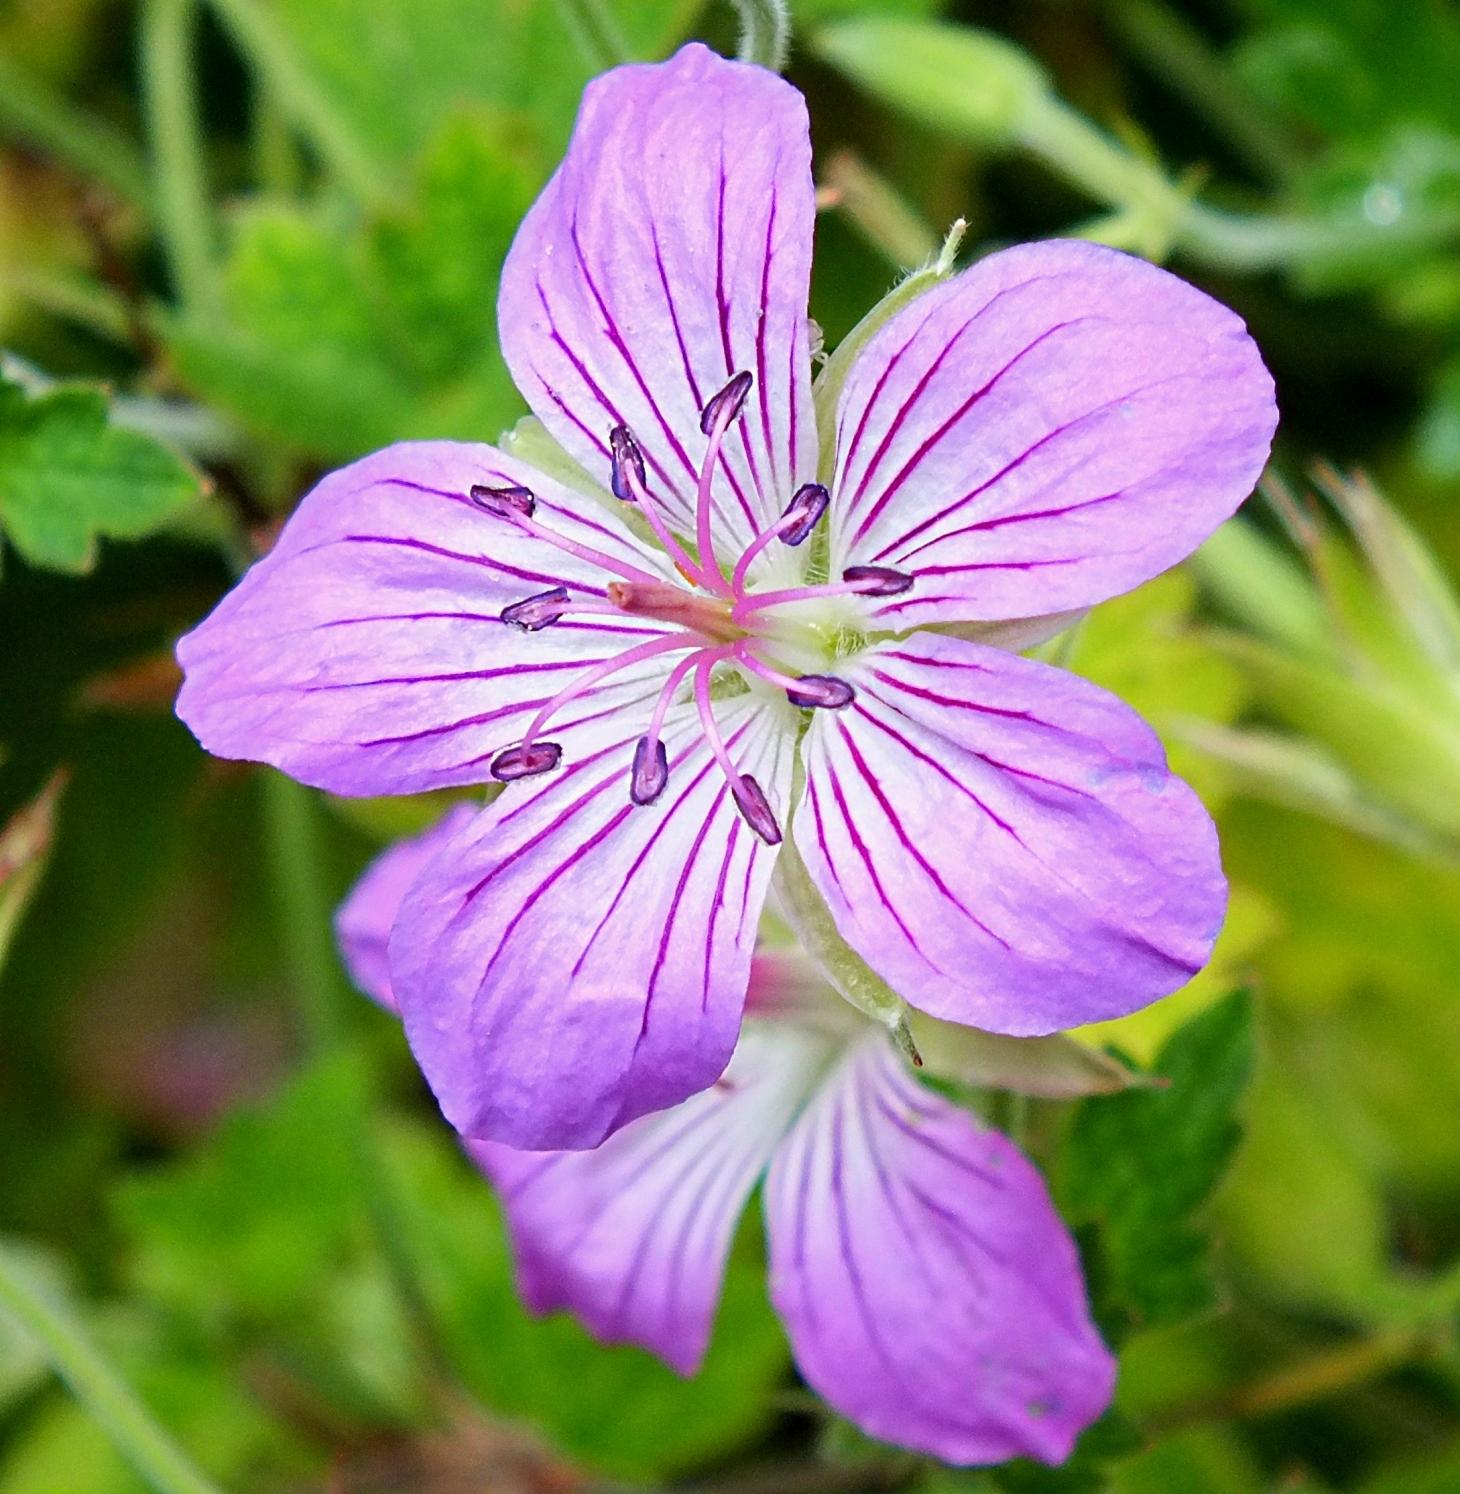 Small Purple Flowers (Phacelia). Photo by Thomas Peace 2014